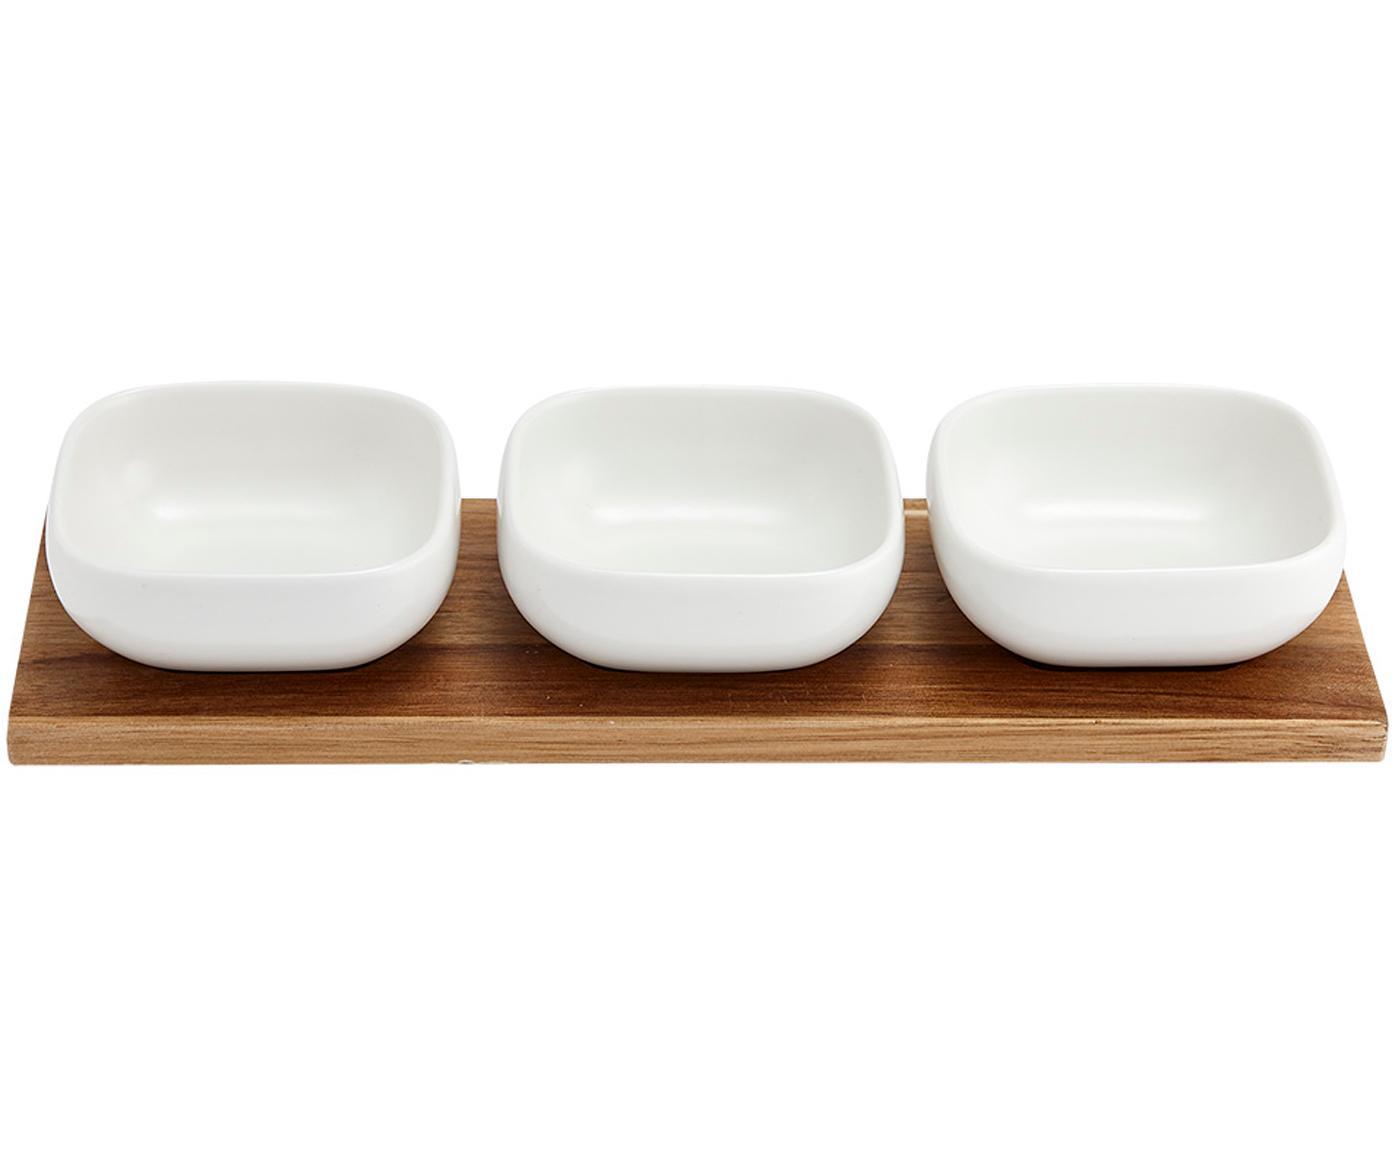 Set ciotole in porcellana e legno di acacia Essentials 4 pz, Porcellana, legno d'acacia, Sabbia, legno di acacia, Larg. 33 x Alt. 5 cm